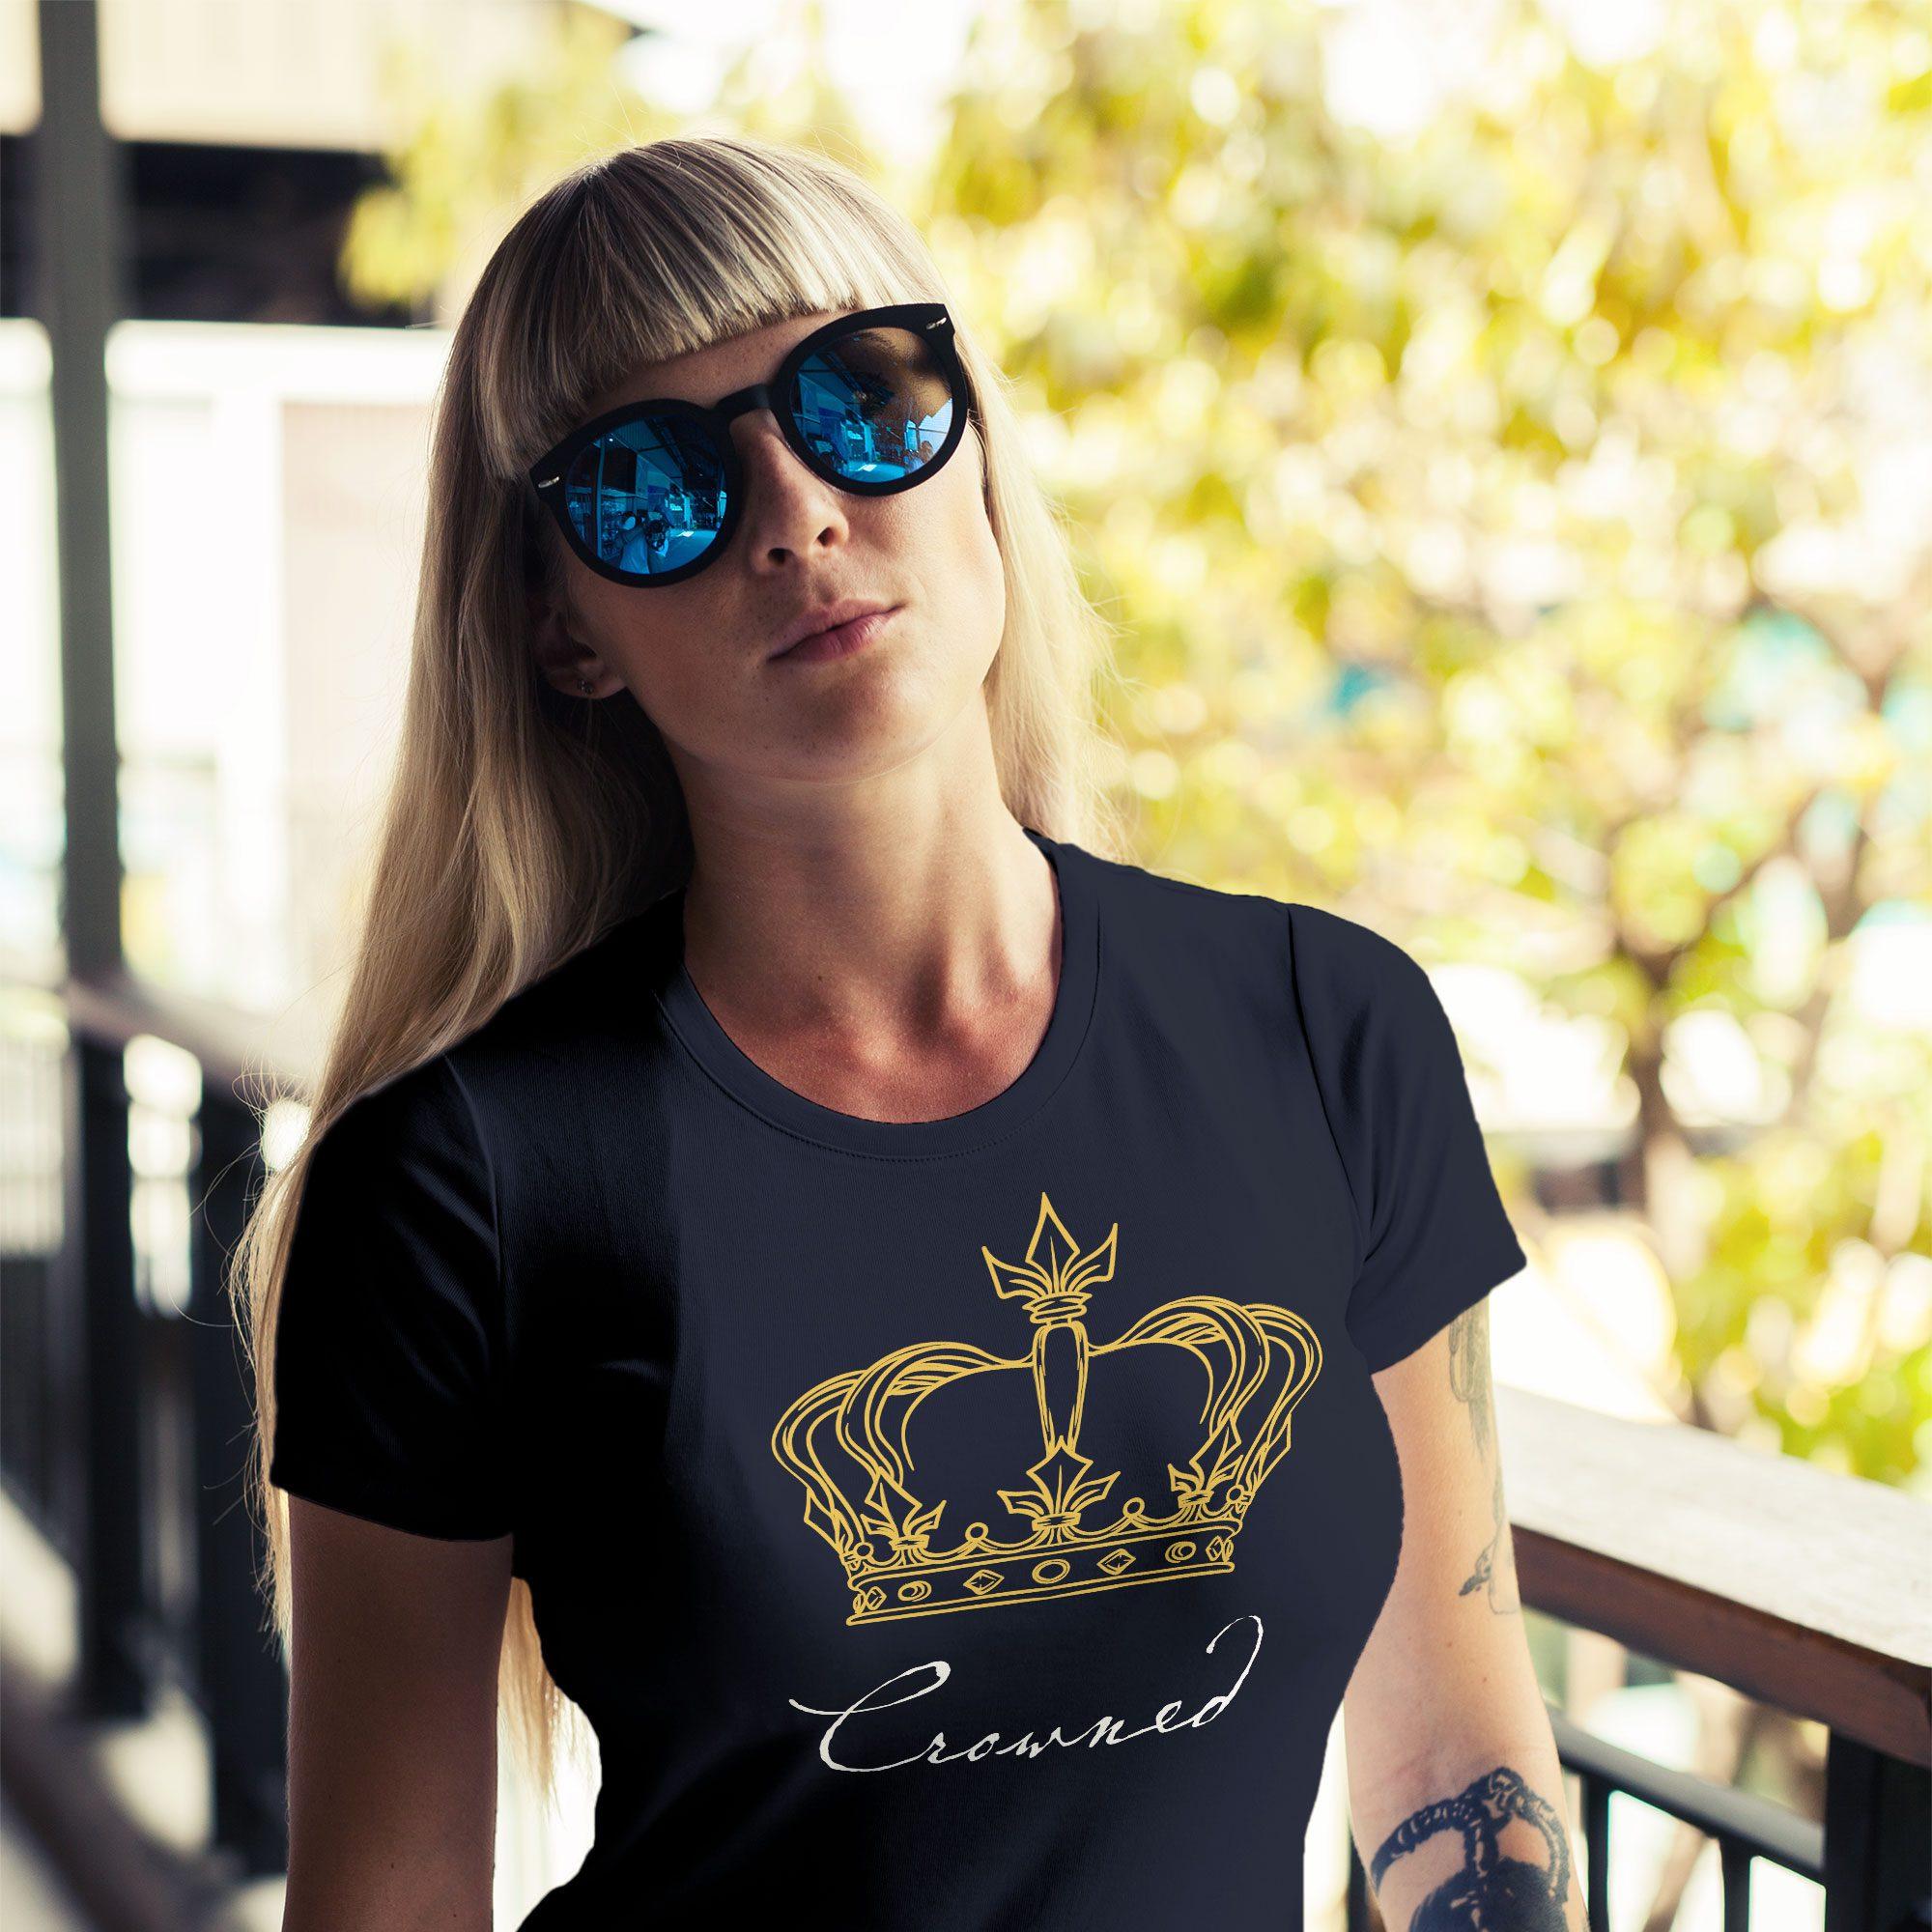 Camiseta para equipe interna da Prudential - Crowned